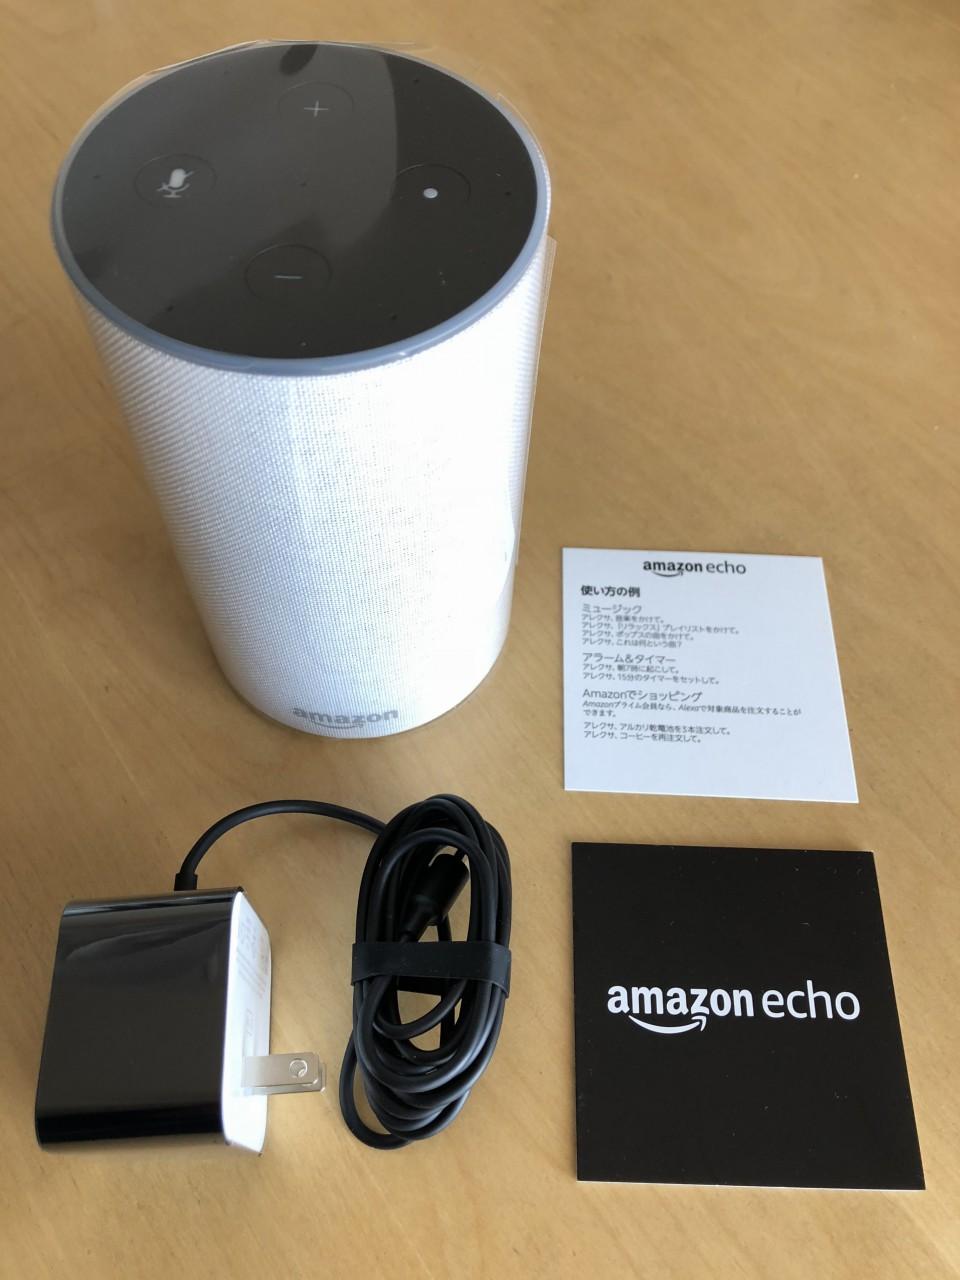 Amazon Echo同梱物